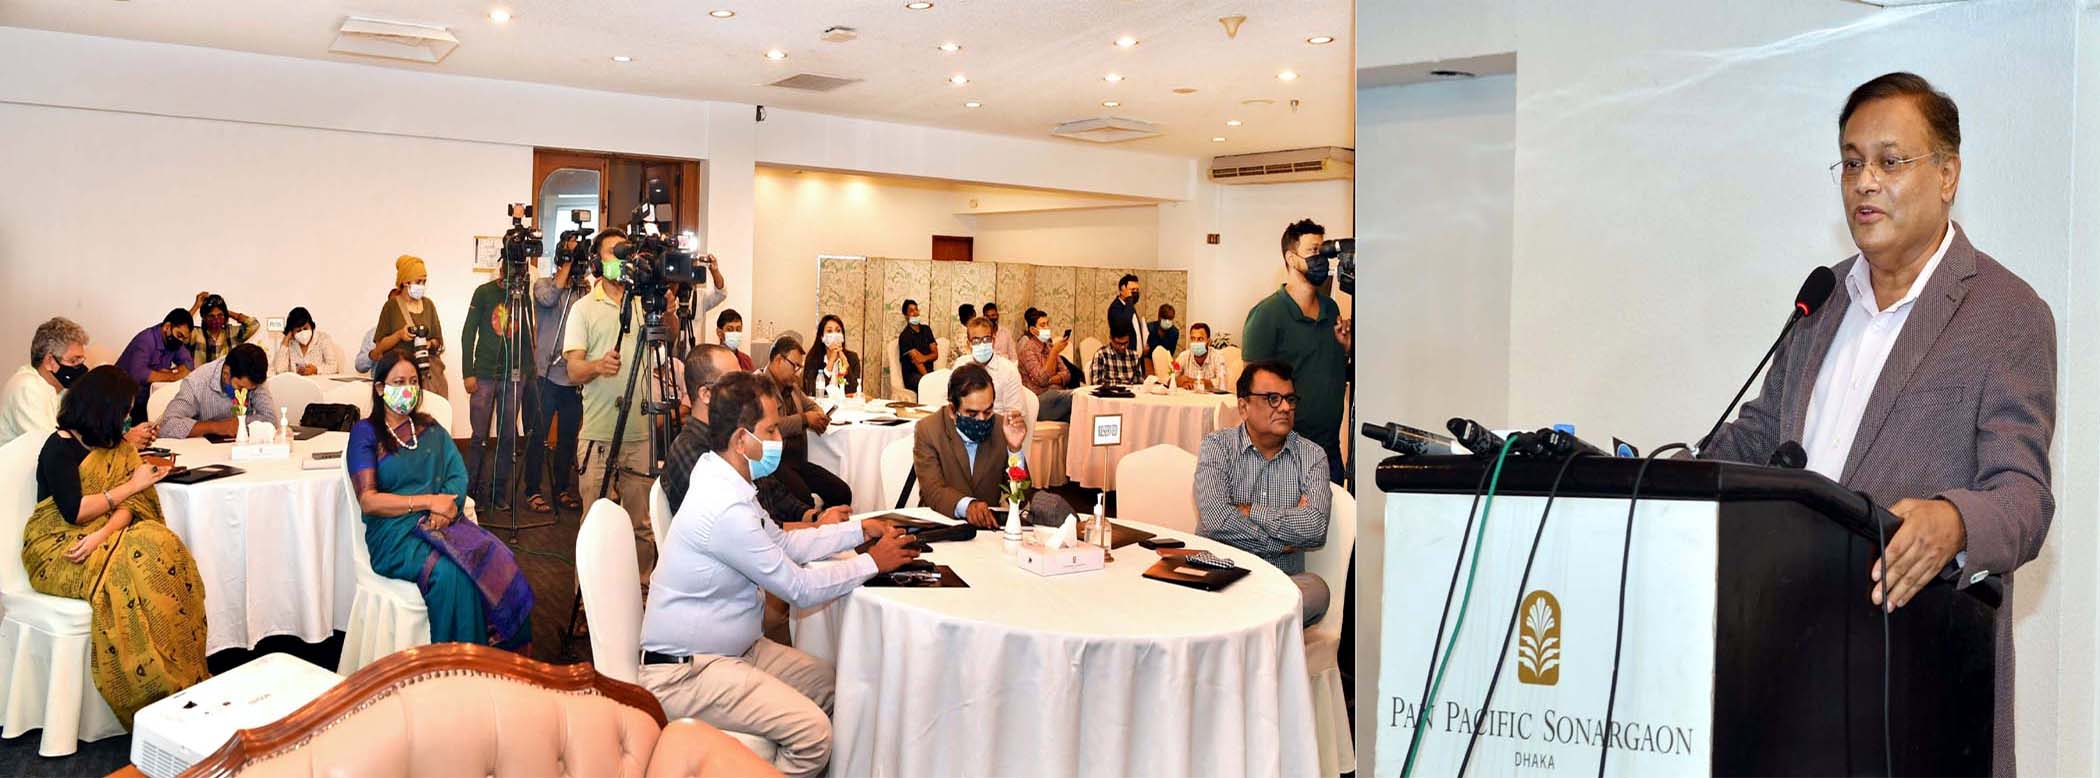 ঢাকায় বিবিসি মিডিয়া অ্যাকশনের 'প্রাইমড' প্রকল্প উদ্বোধন